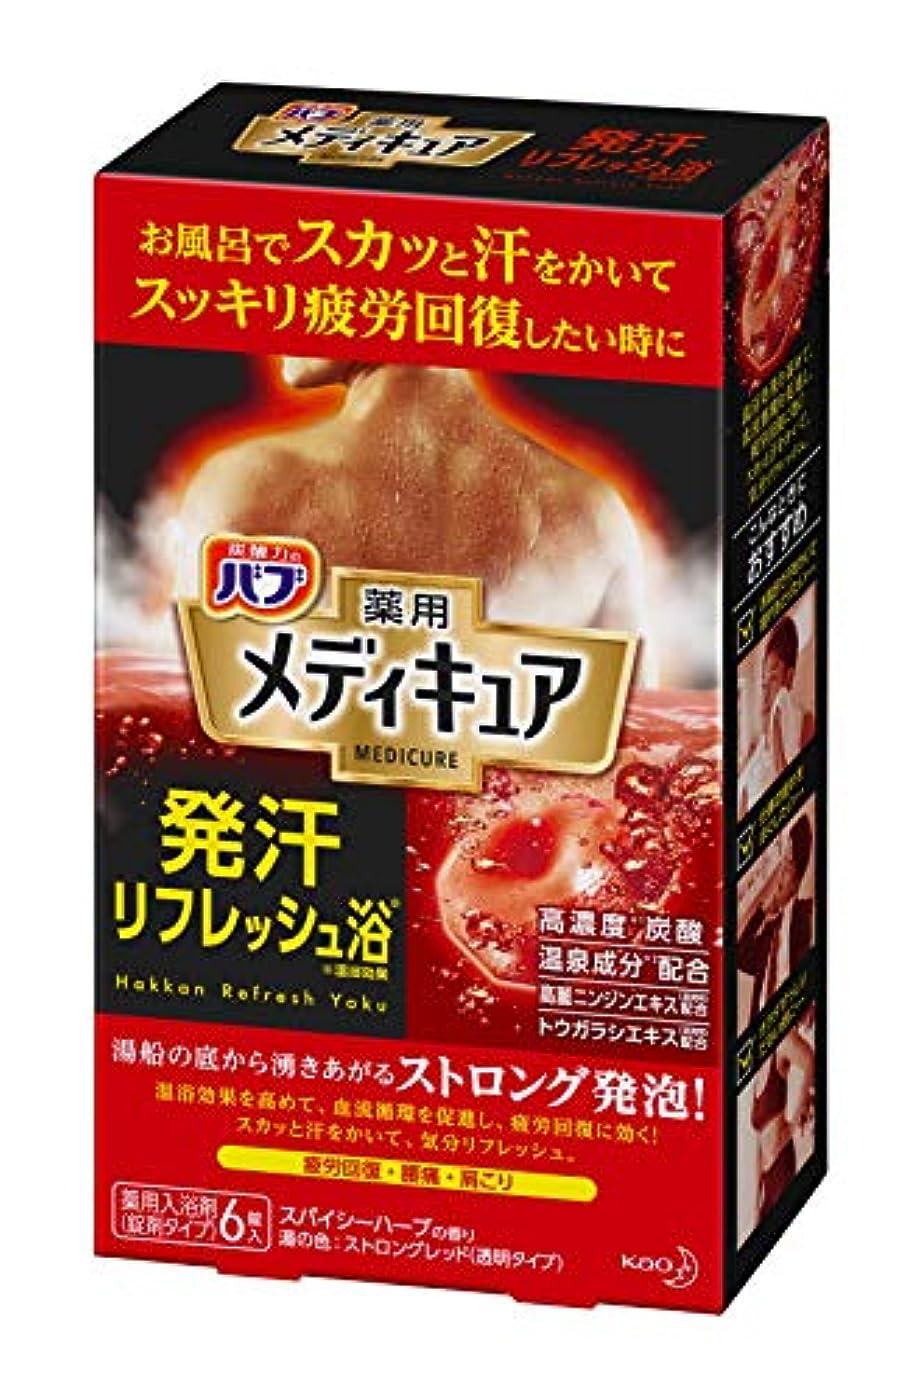 促す冷えるアンペアバブ メディキュア 発汗 リフレッシュ浴 6錠入 [医薬部外品] 高濃度 炭酸 温泉成分 「お風呂でスカッと汗をかいてスッキリ疲労回復したい時に」 入浴剤